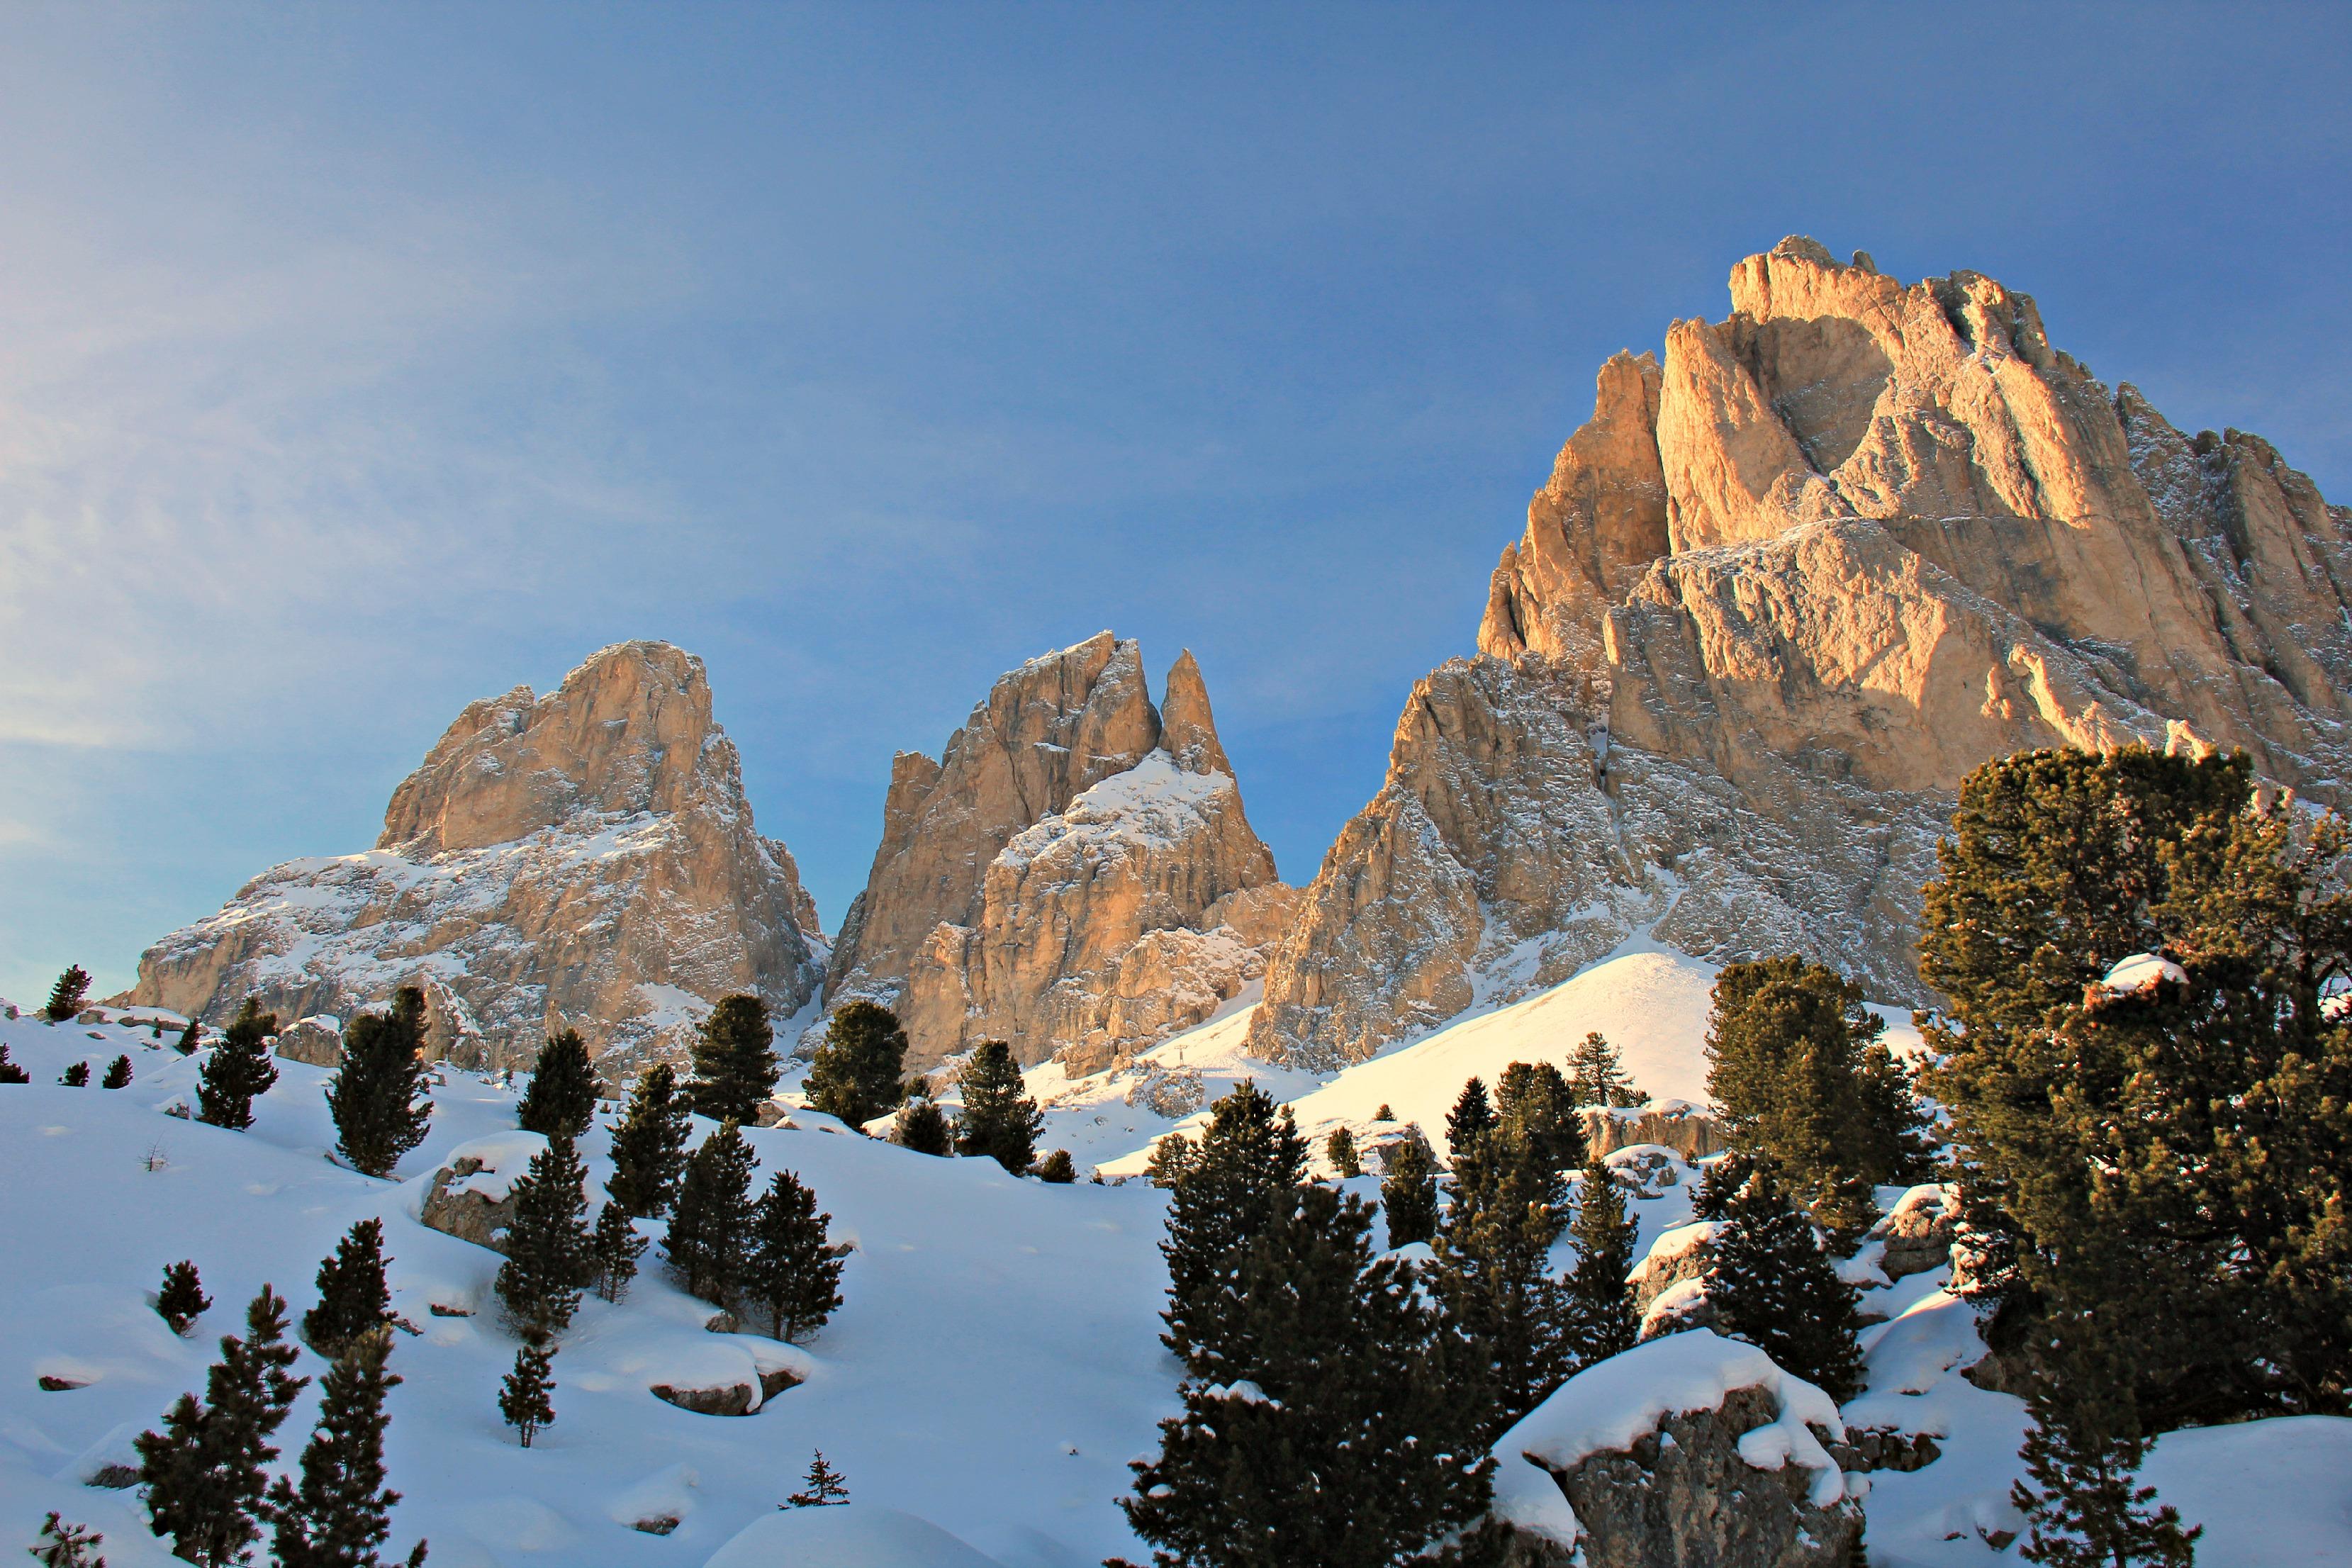 Sfondi inverno italia panorama montagne alpi natura for Immagini inverno sfondi